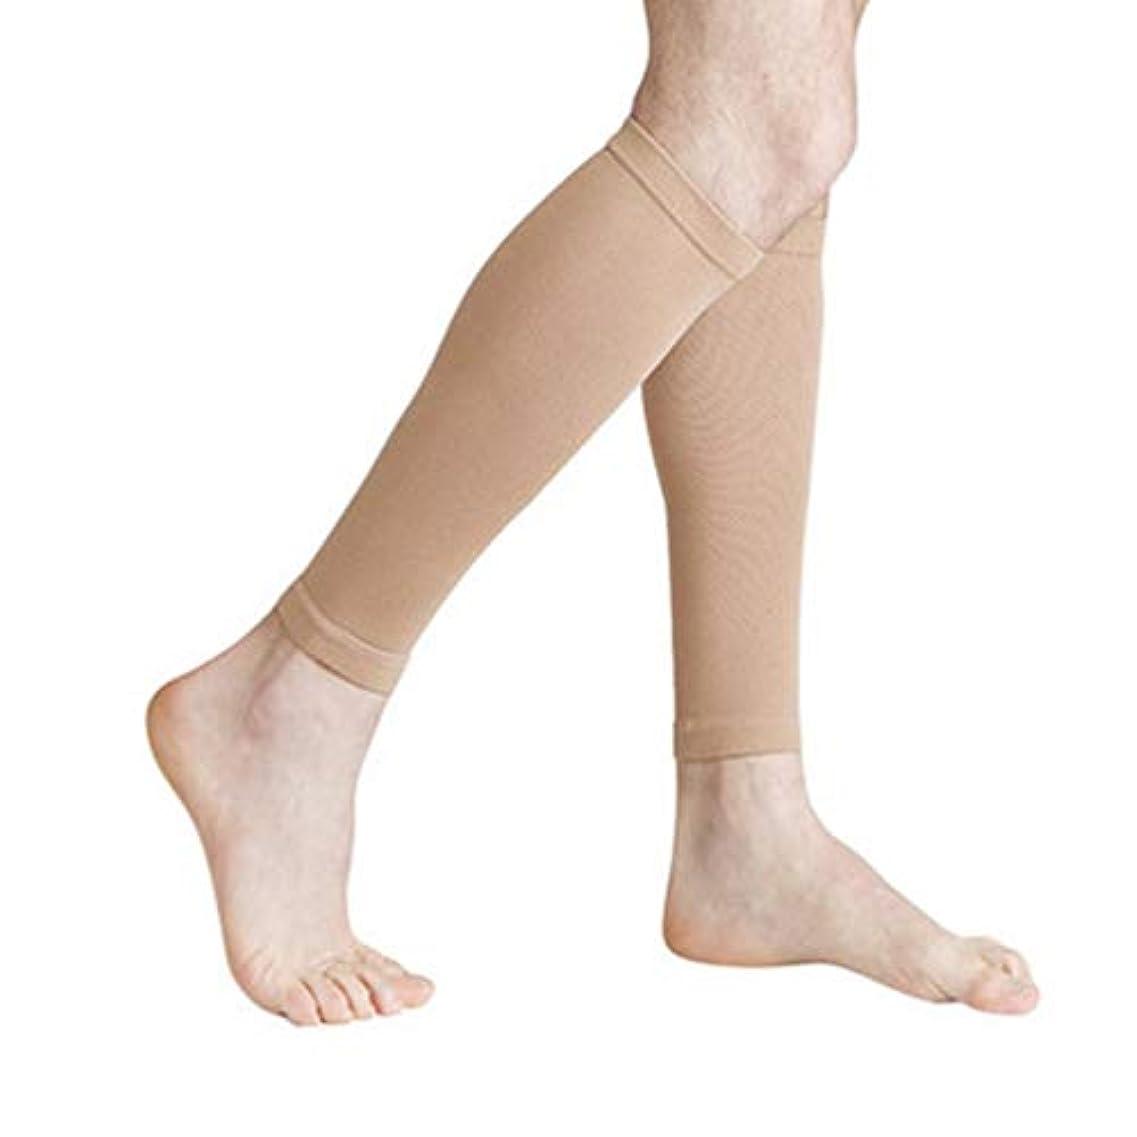 推進お客様漫画丈夫な男性女性プロの圧縮靴下通気性のある旅行活動看護師用シントスプリントフライトトラベル - 肌色